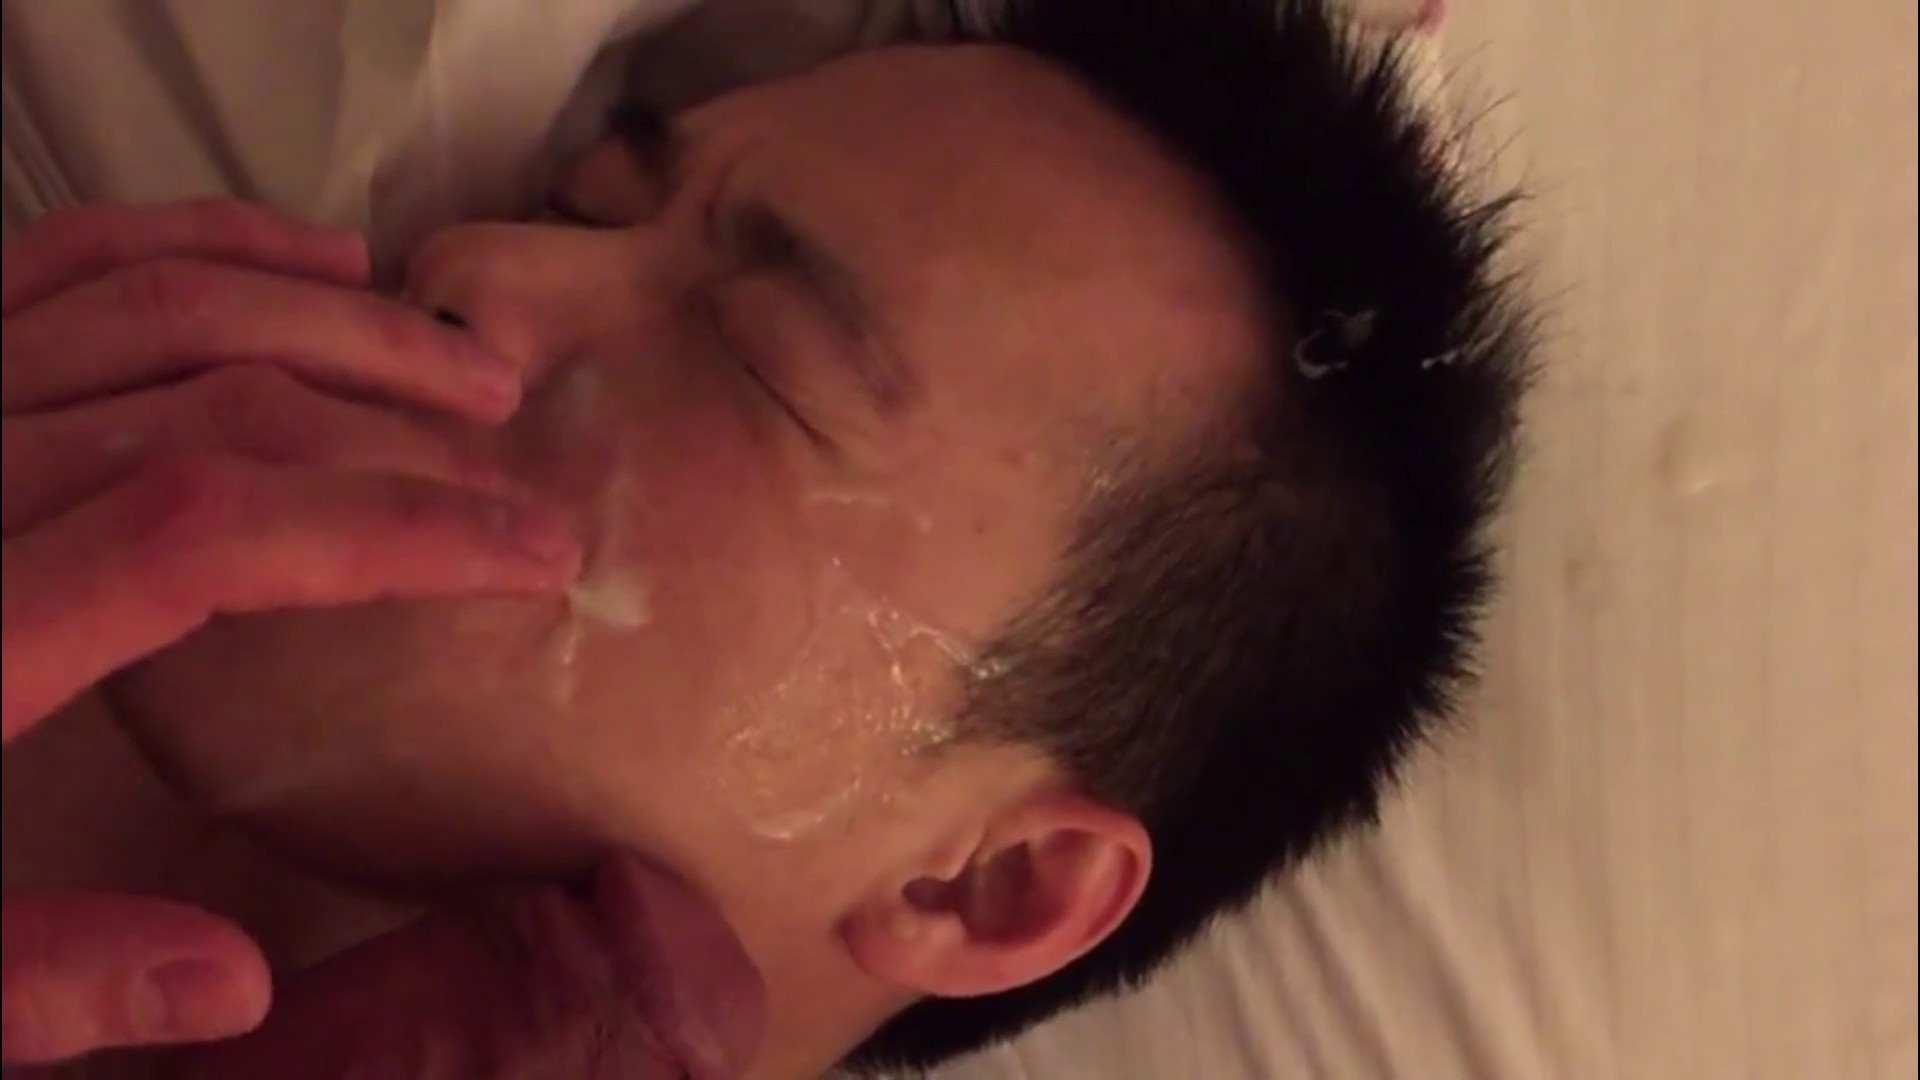 エロいフェラシーンをピックアップvol43 男まつり ゲイ無修正動画画像 96枚 19